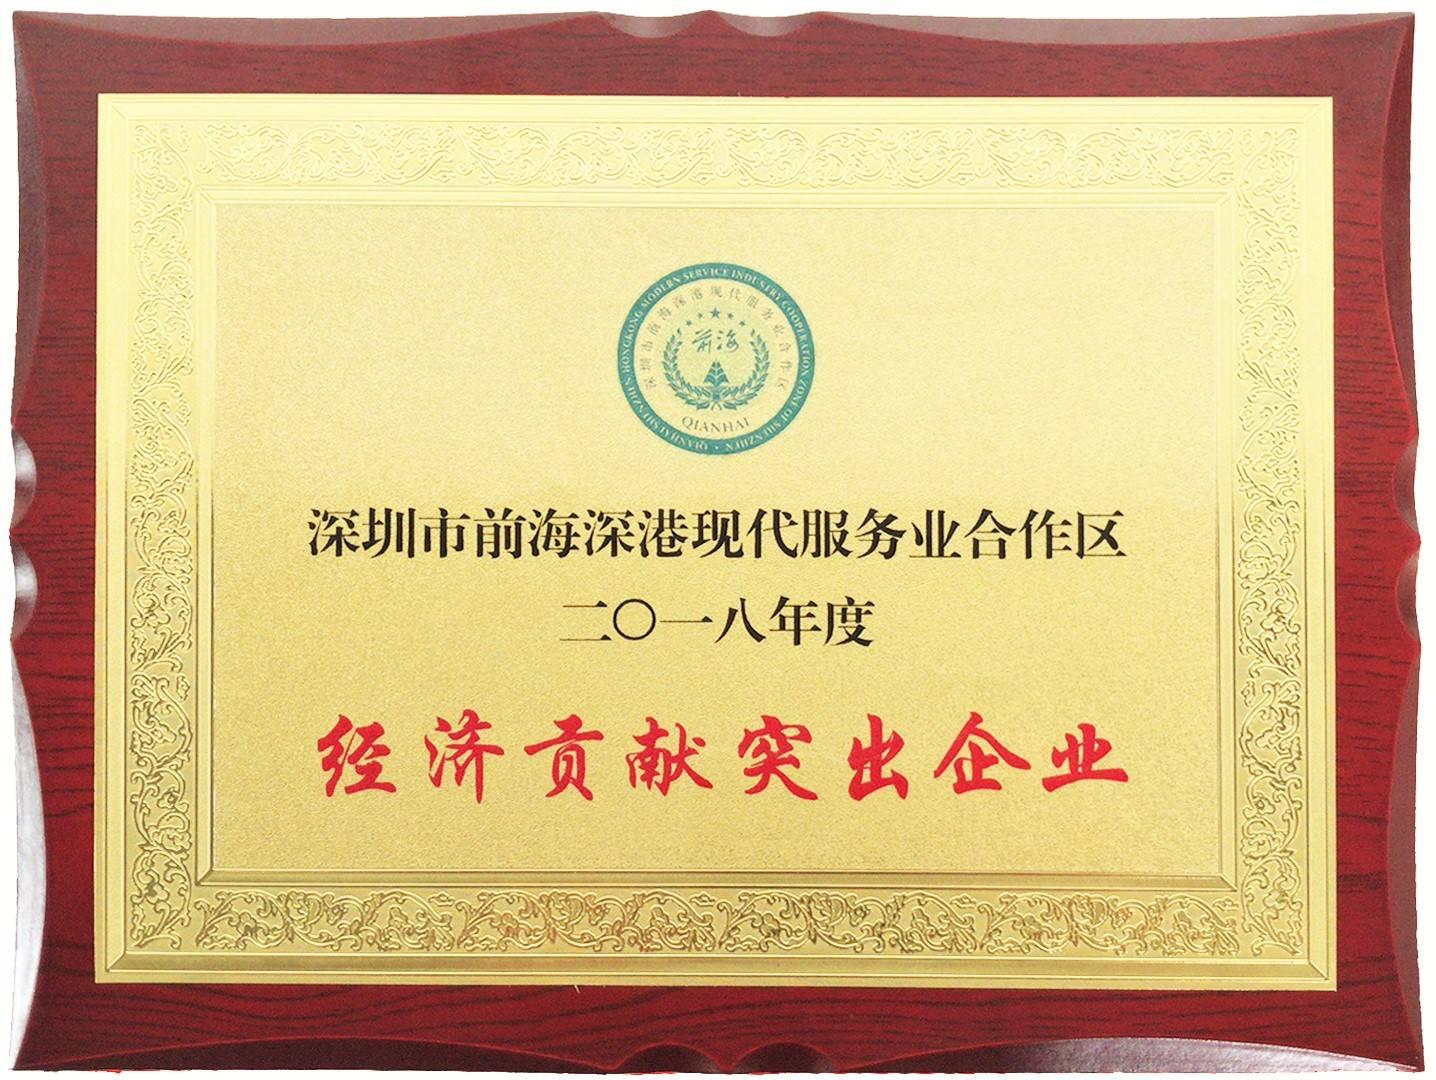 安时达荣获2018年度经济贡献突出企业